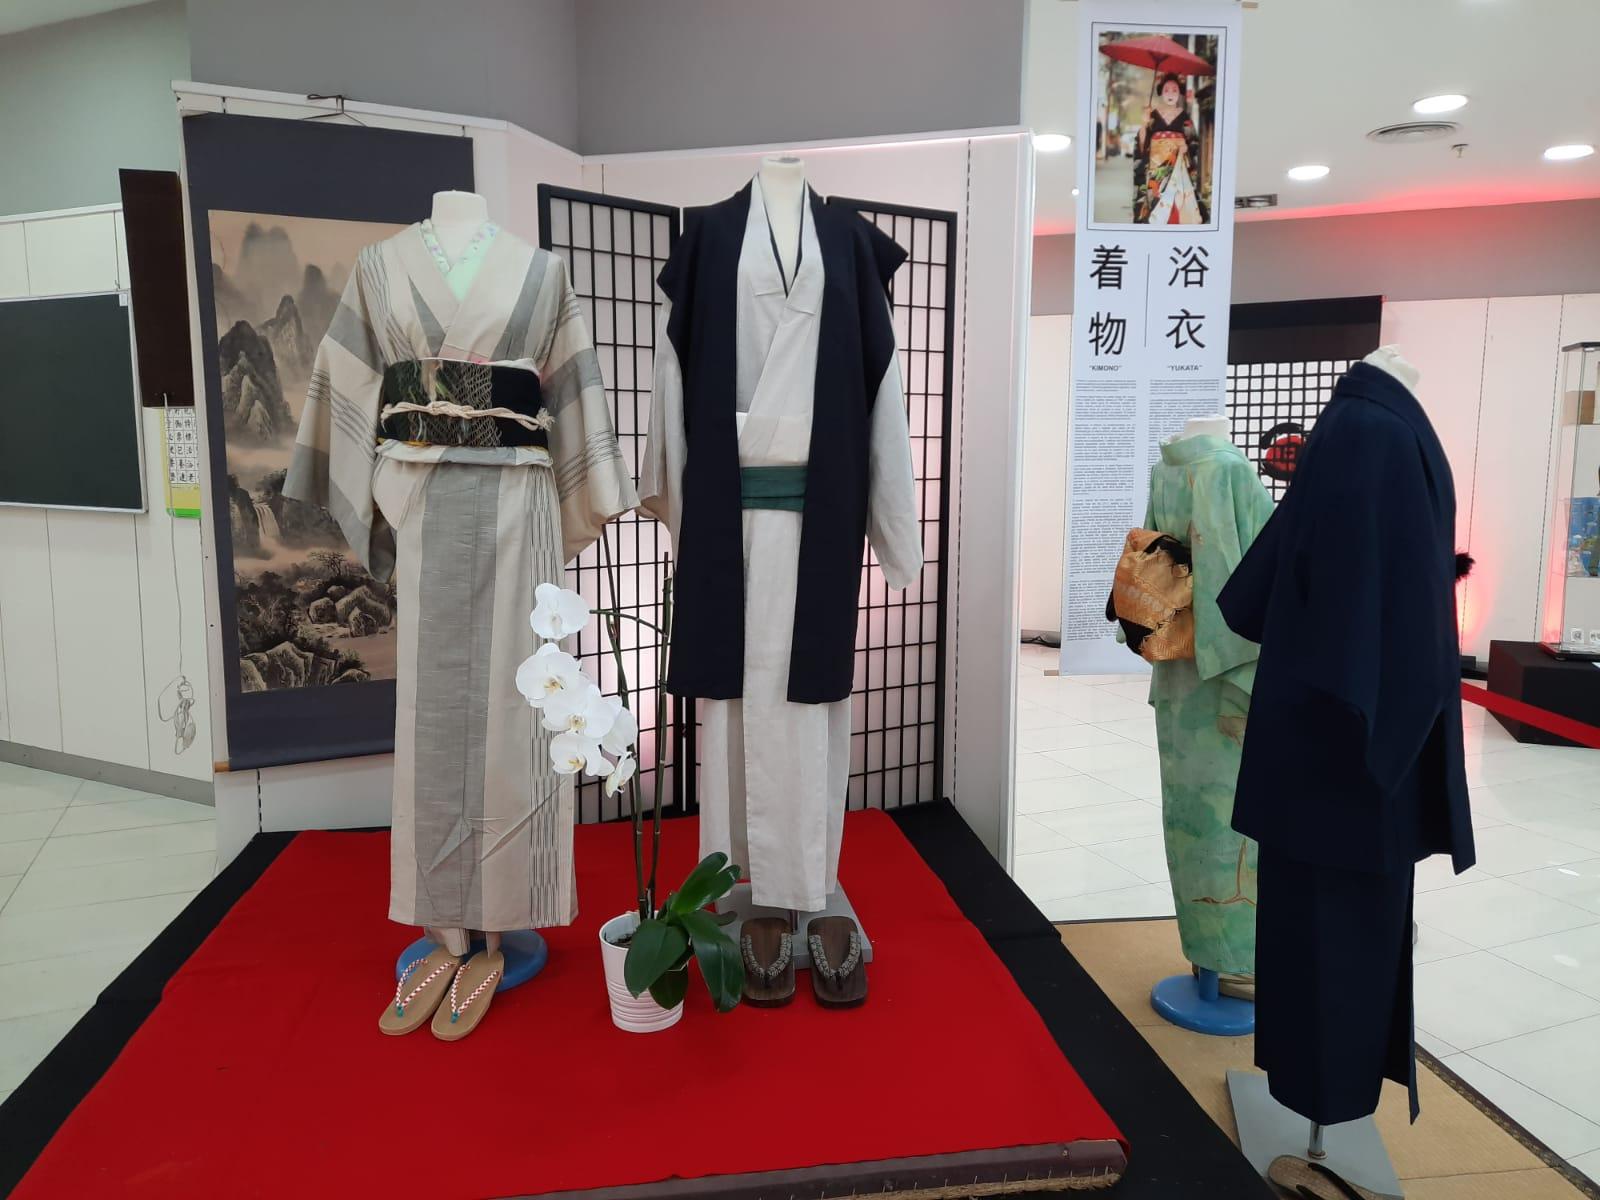 El Centro Comercial El Muelle te acerca a Japón